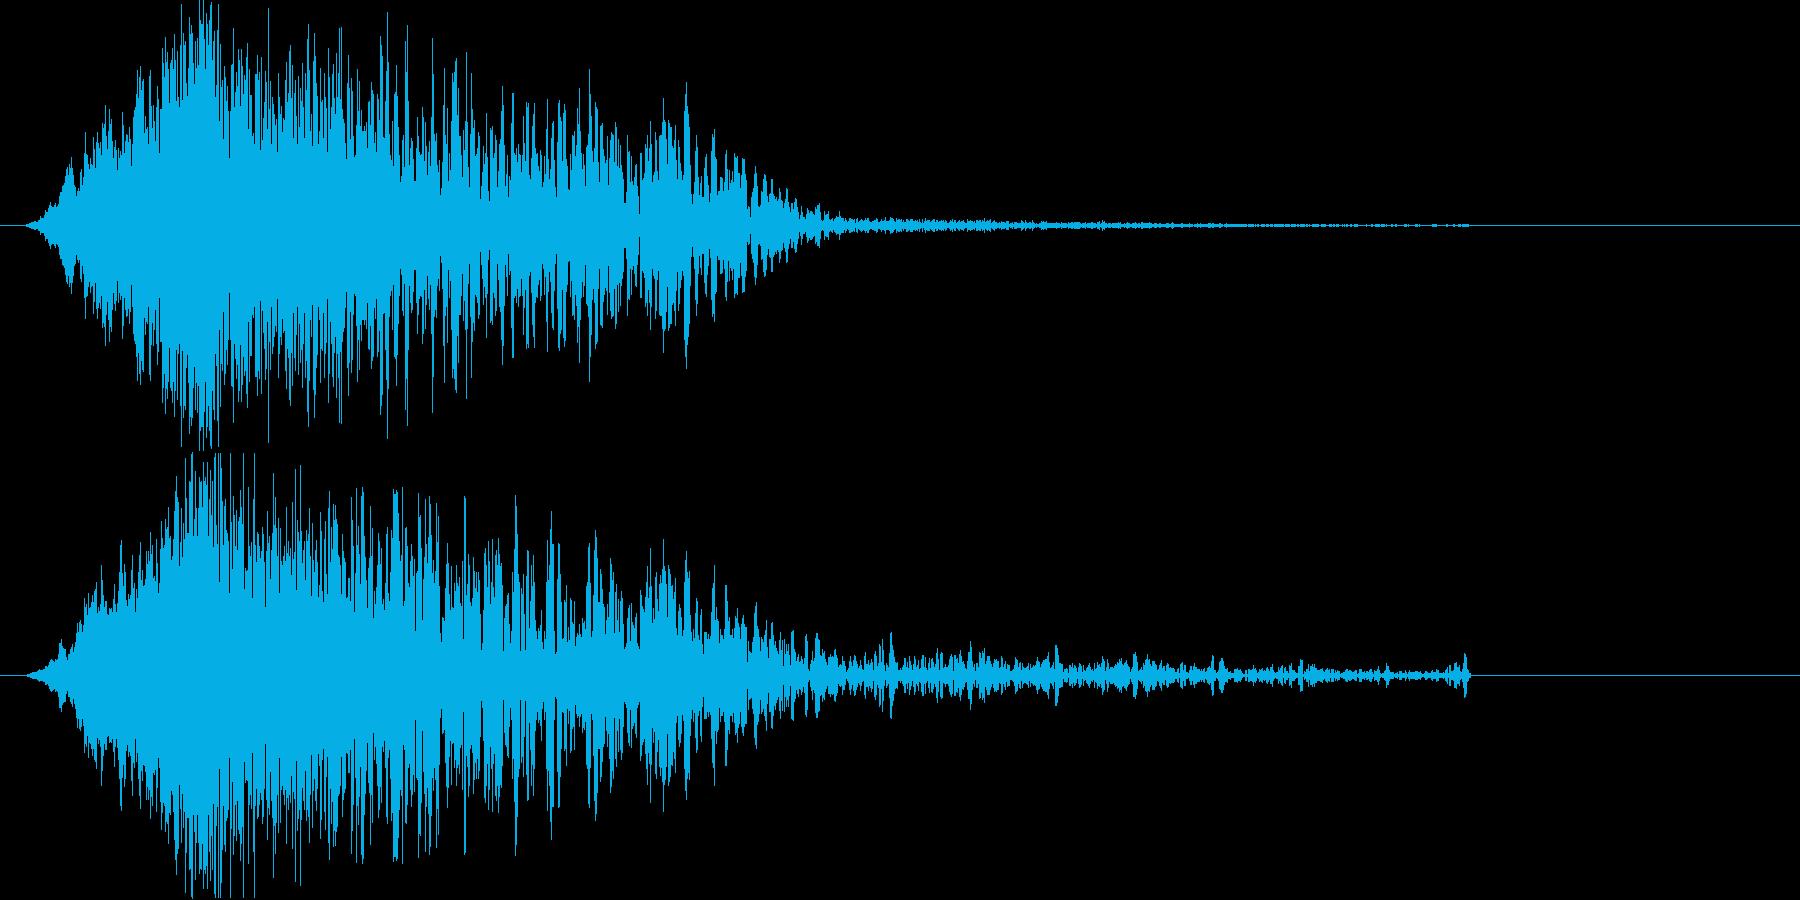 低音の衝突音 余韻長めの再生済みの波形